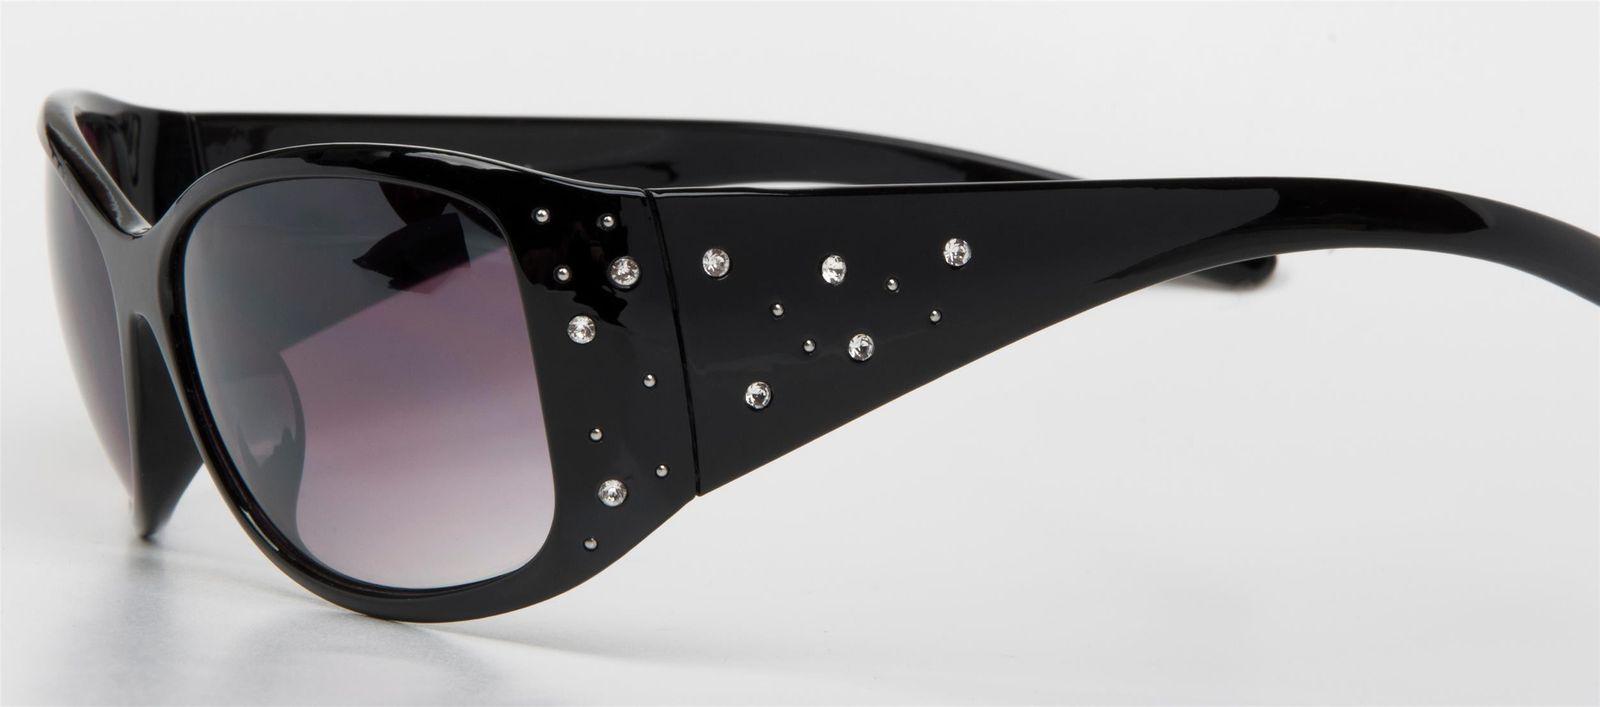 Sonnenbrille mit Strasssteine, Verlaufstönung, Schmetterlingsform Strass, Damen